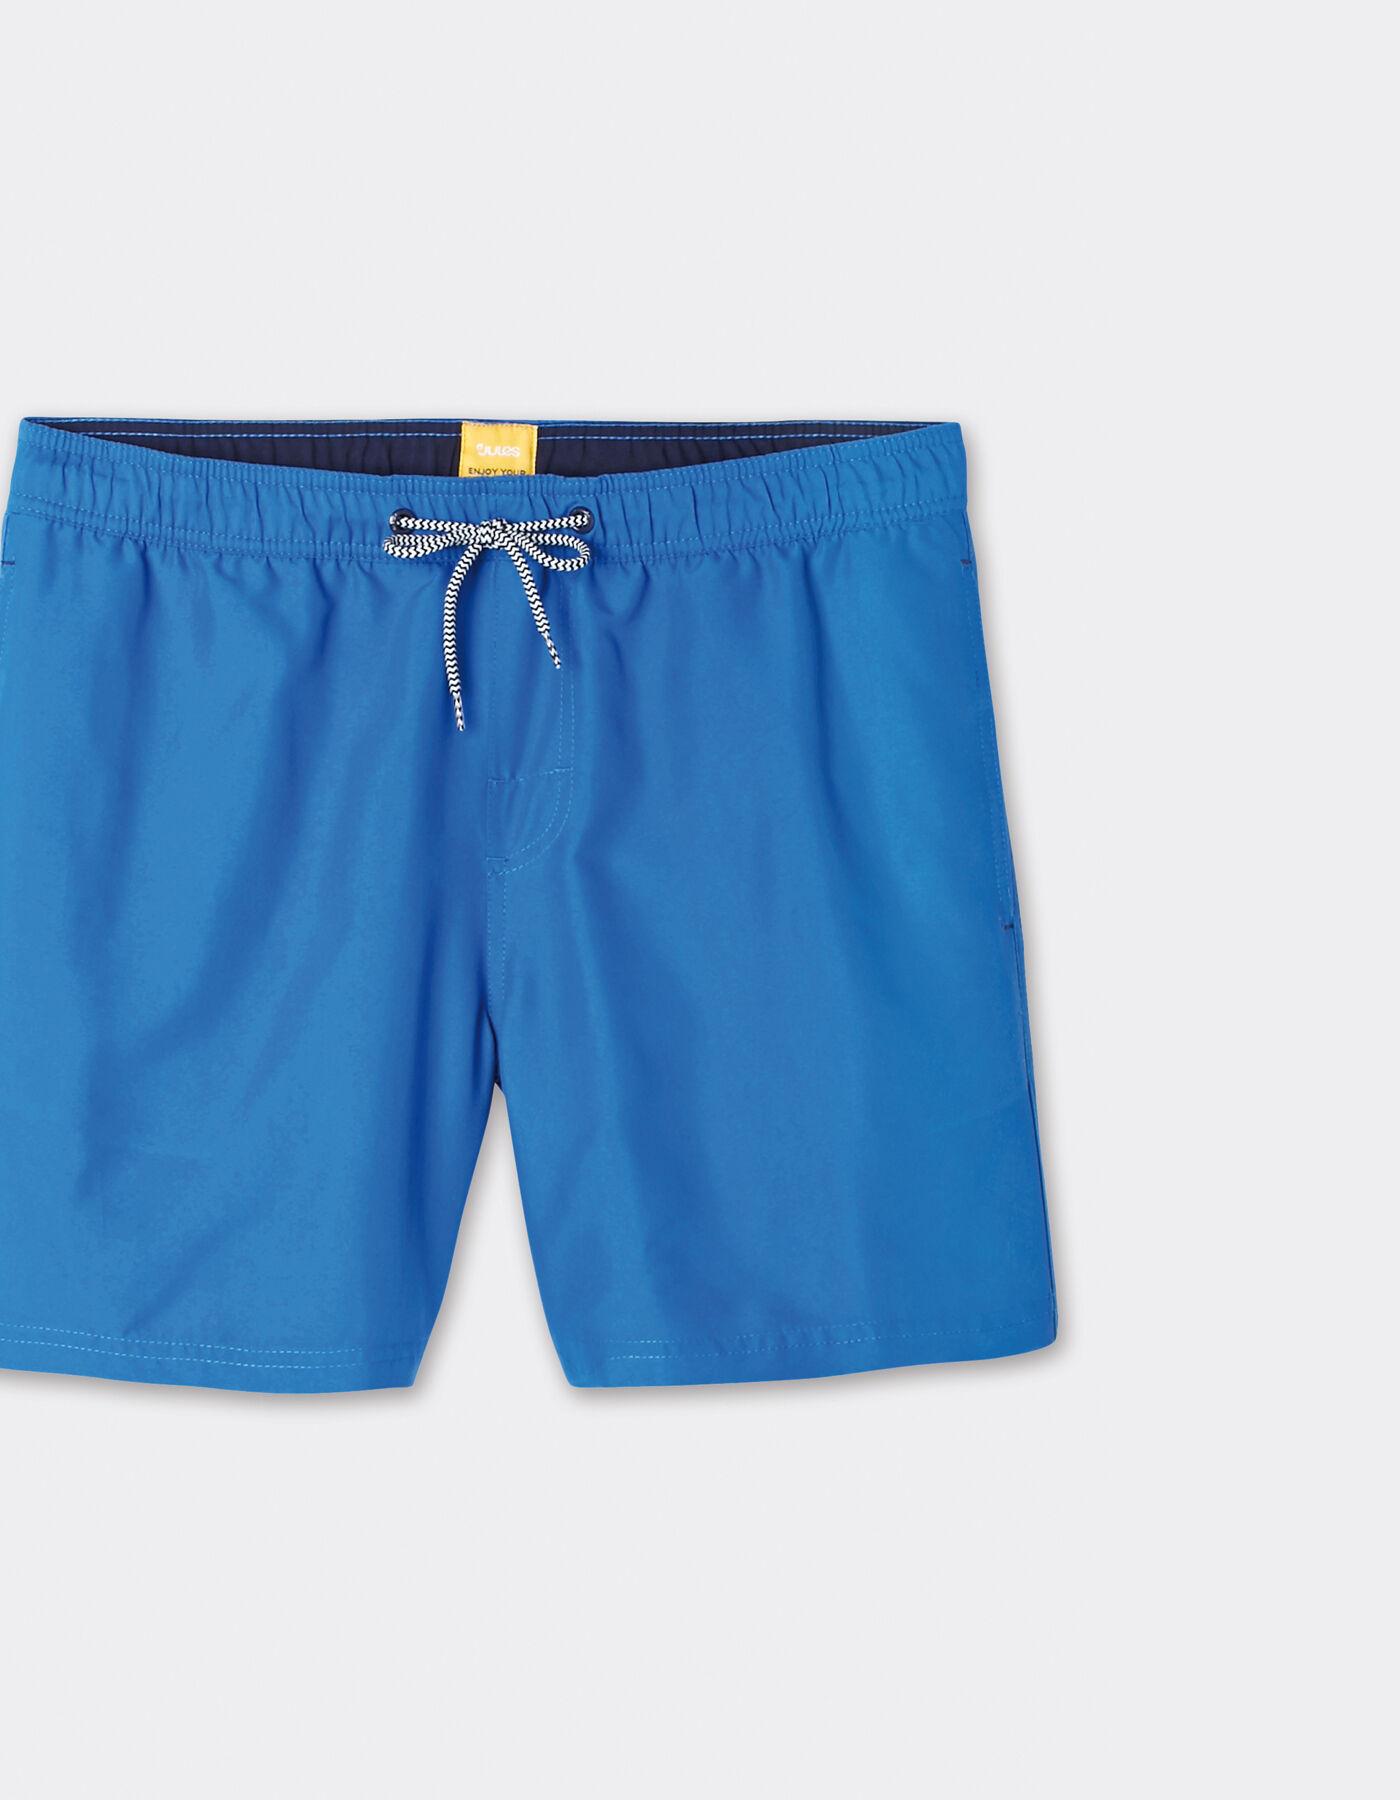 short de bain homme court uni cordon contrast ave bleu. Black Bedroom Furniture Sets. Home Design Ideas